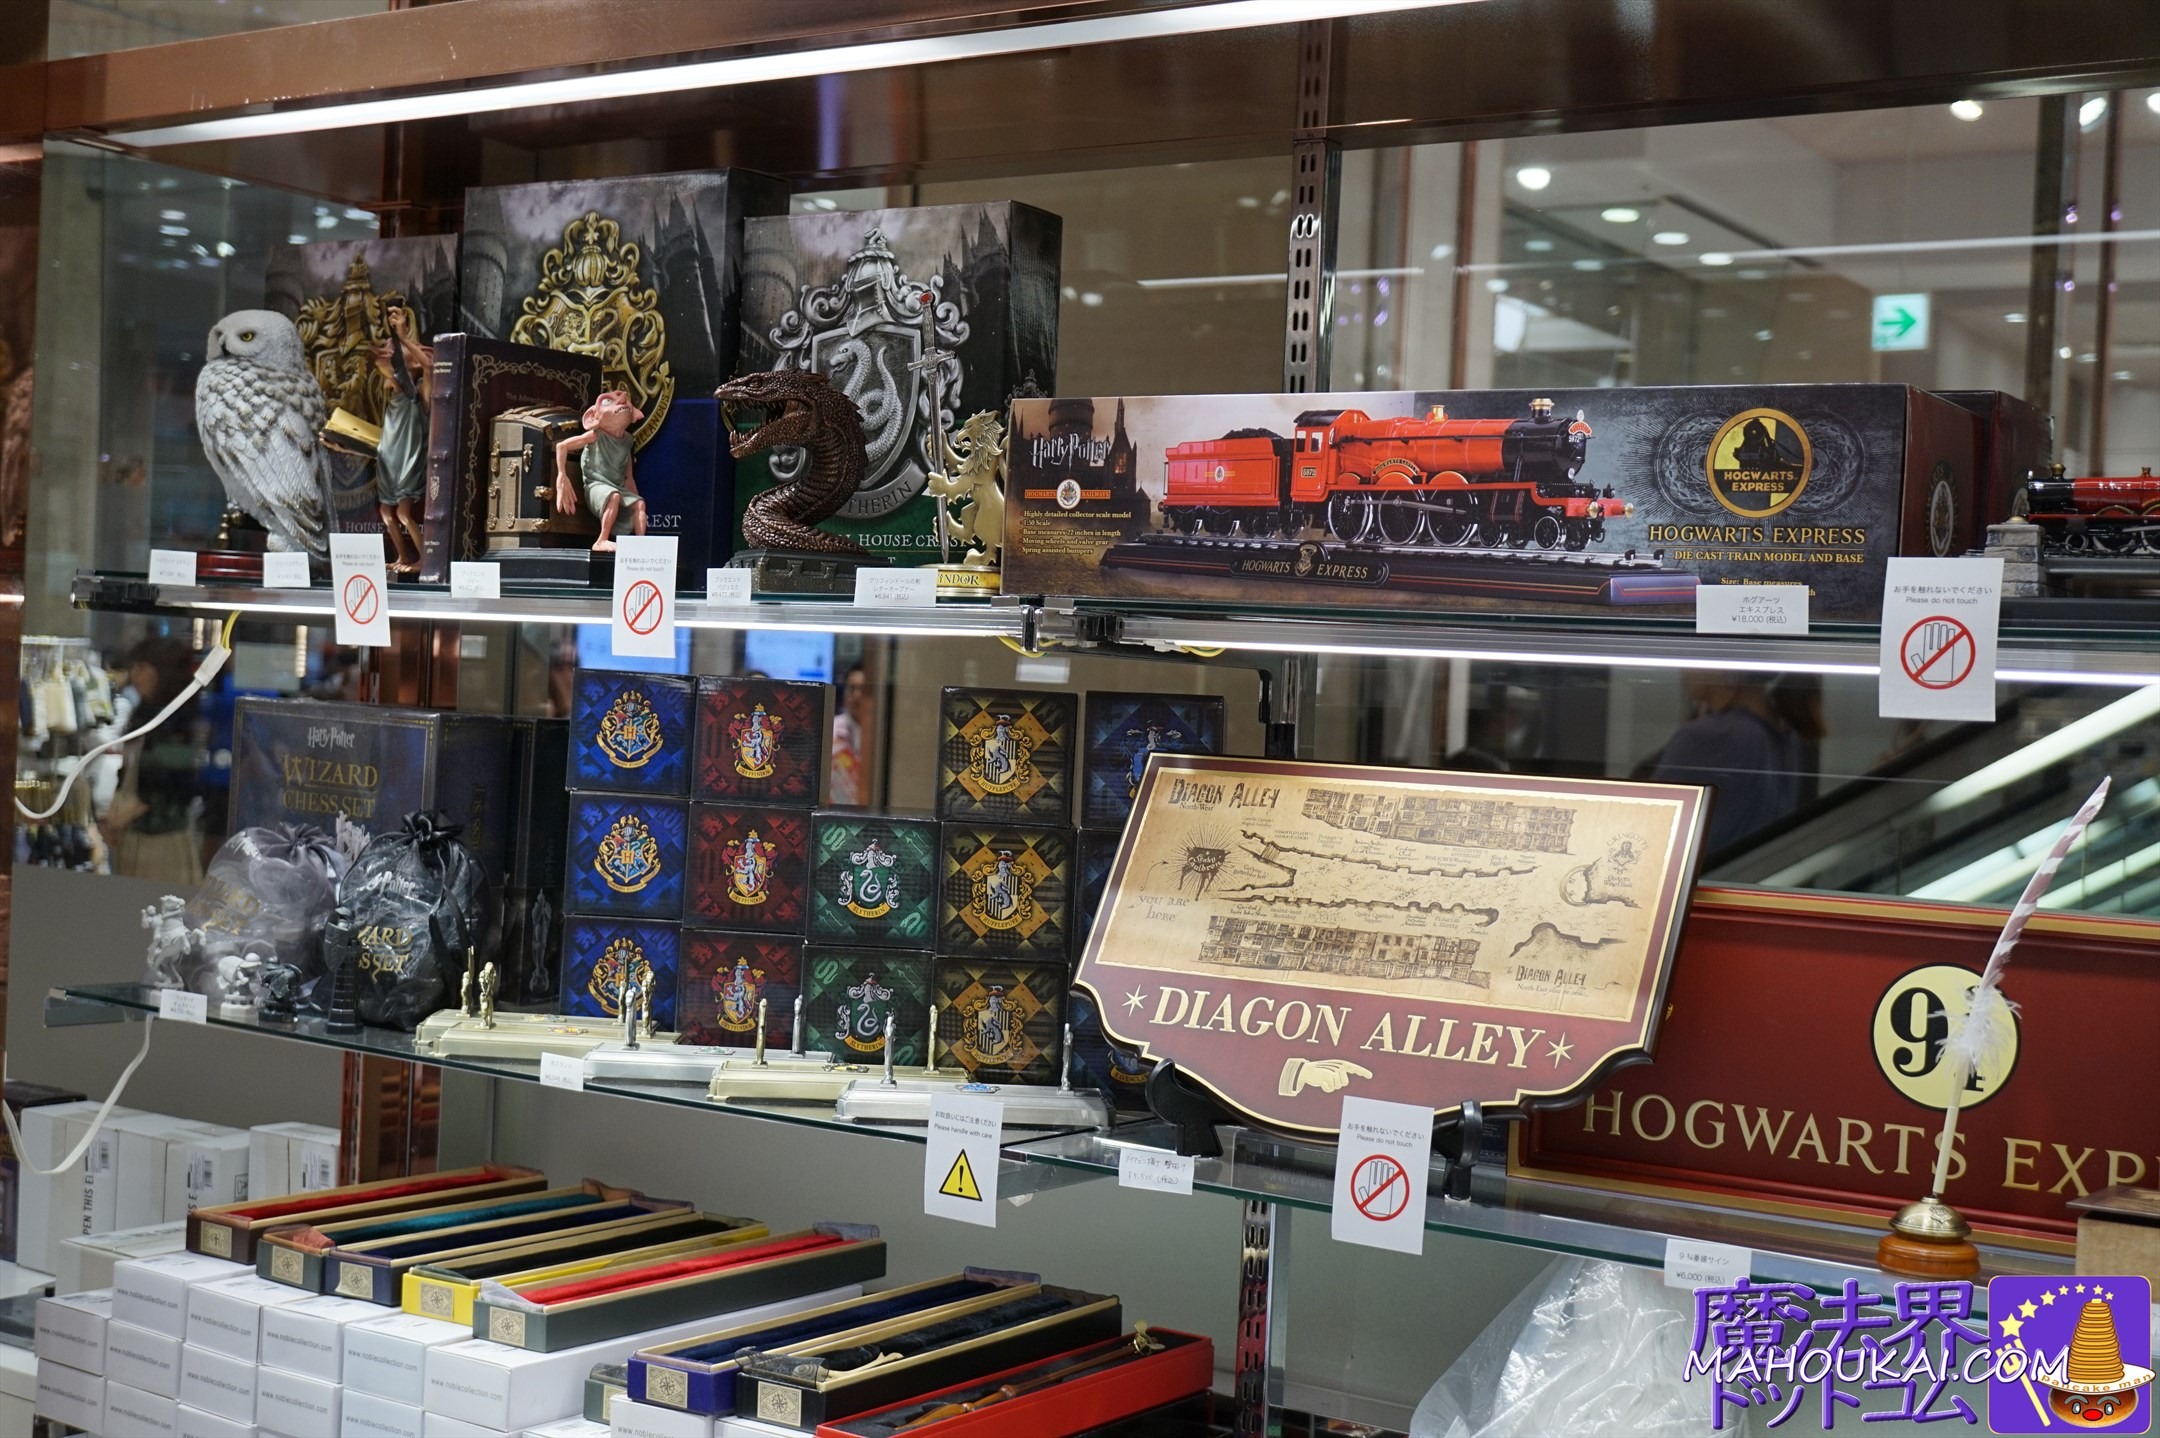 ハリポタ&ファンタビ グッズ ウィーザーディング・ワールド・ベストグッズコレクション(ウィザコレ)大丸梅田店